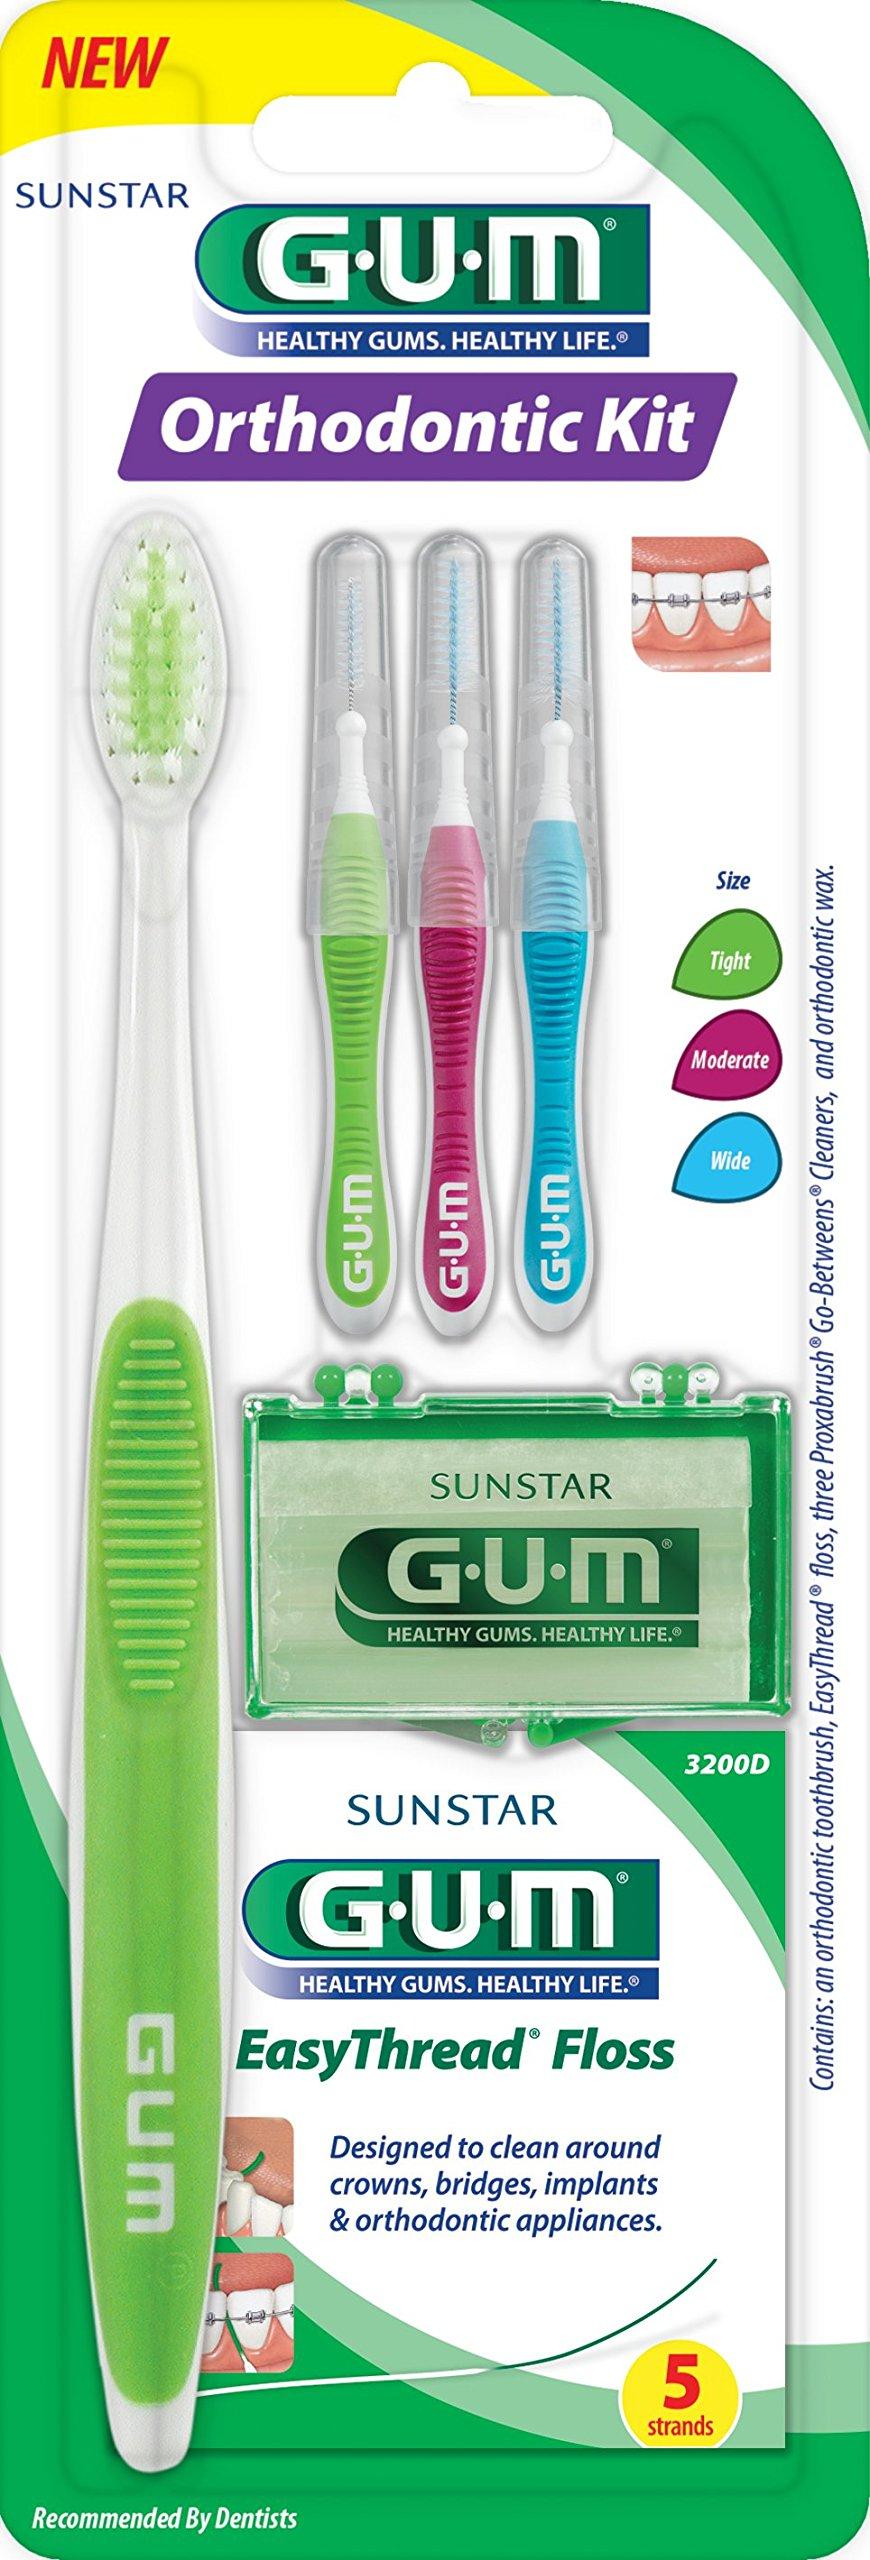 Sunstar 124KK Gum Orthodontic Kit - Includes Orthodontic Toothbrush for Braces, Mint Orthodontic Wax, Threader Floss, Proxabrush Interdental Cleaners